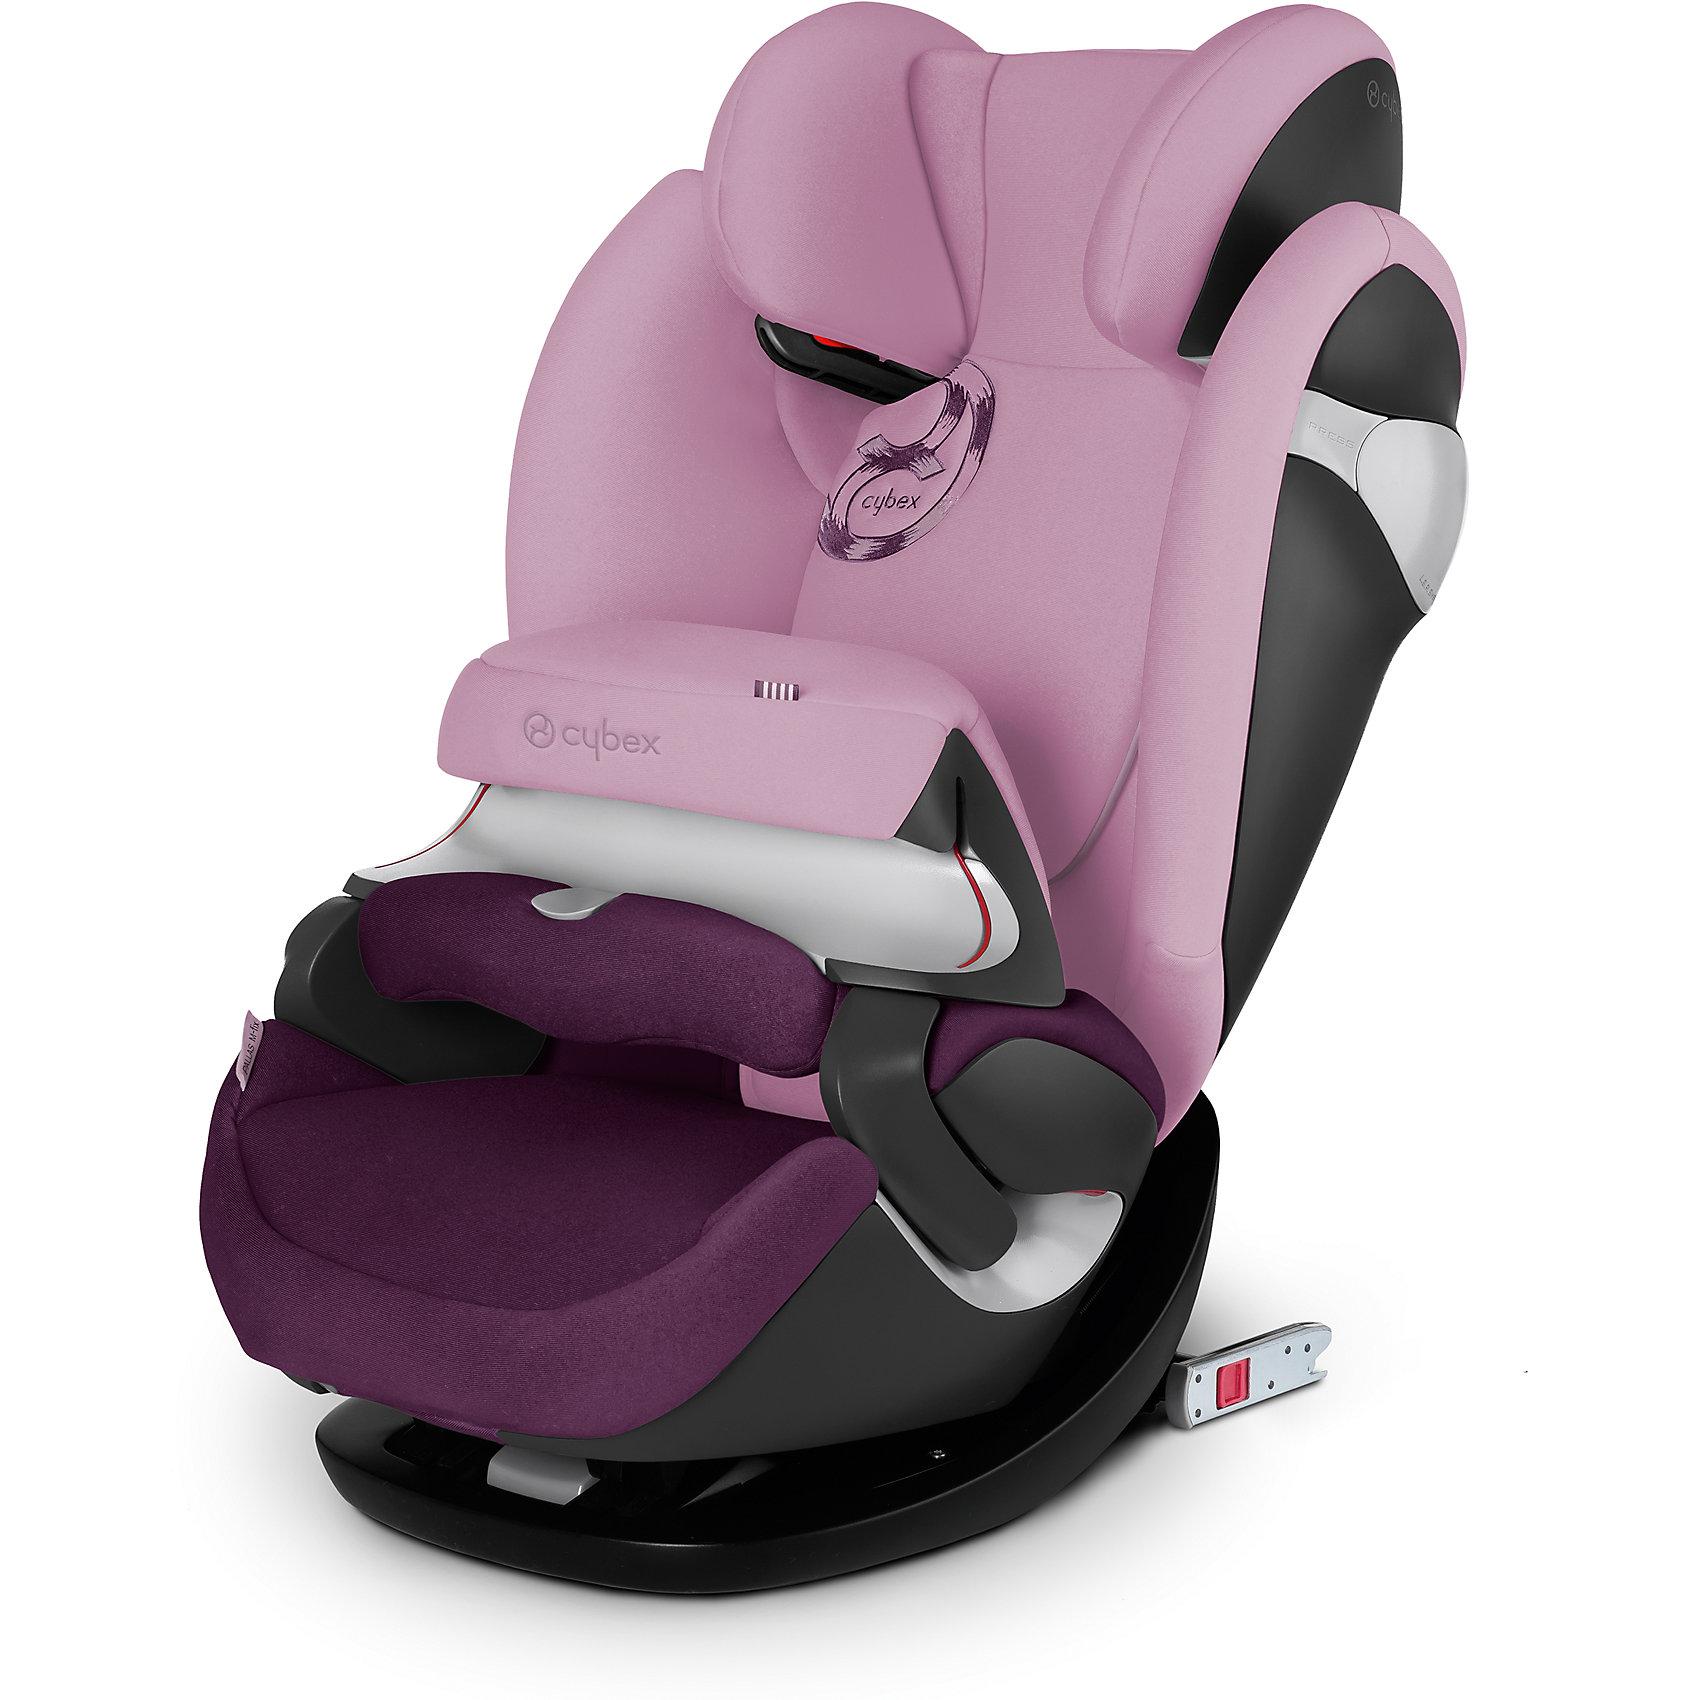 Автокресло детское Pallas M-Fix, 9-36 кг, Cybex, Princess Pink<br><br>Ширина мм: 9999<br>Глубина мм: 9999<br>Высота мм: 9999<br>Вес г: 9999<br>Возраст от месяцев: 36<br>Возраст до месяцев: 144<br>Пол: Унисекс<br>Возраст: Детский<br>SKU: 5435222